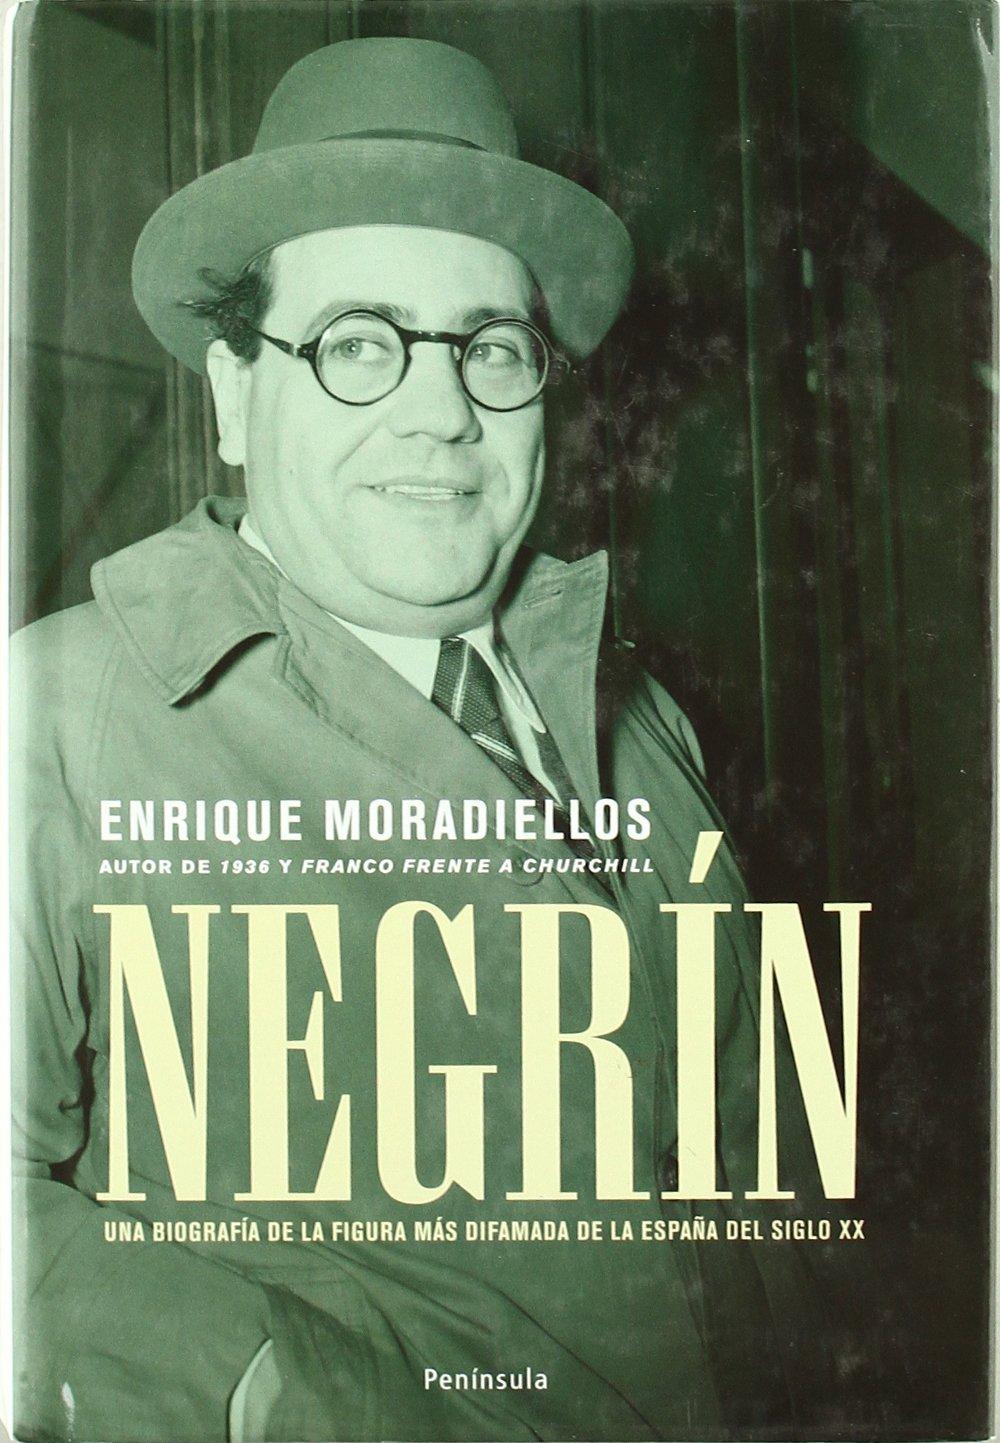 Negrín.: Una biografía de la figura más difamada de la España del ...